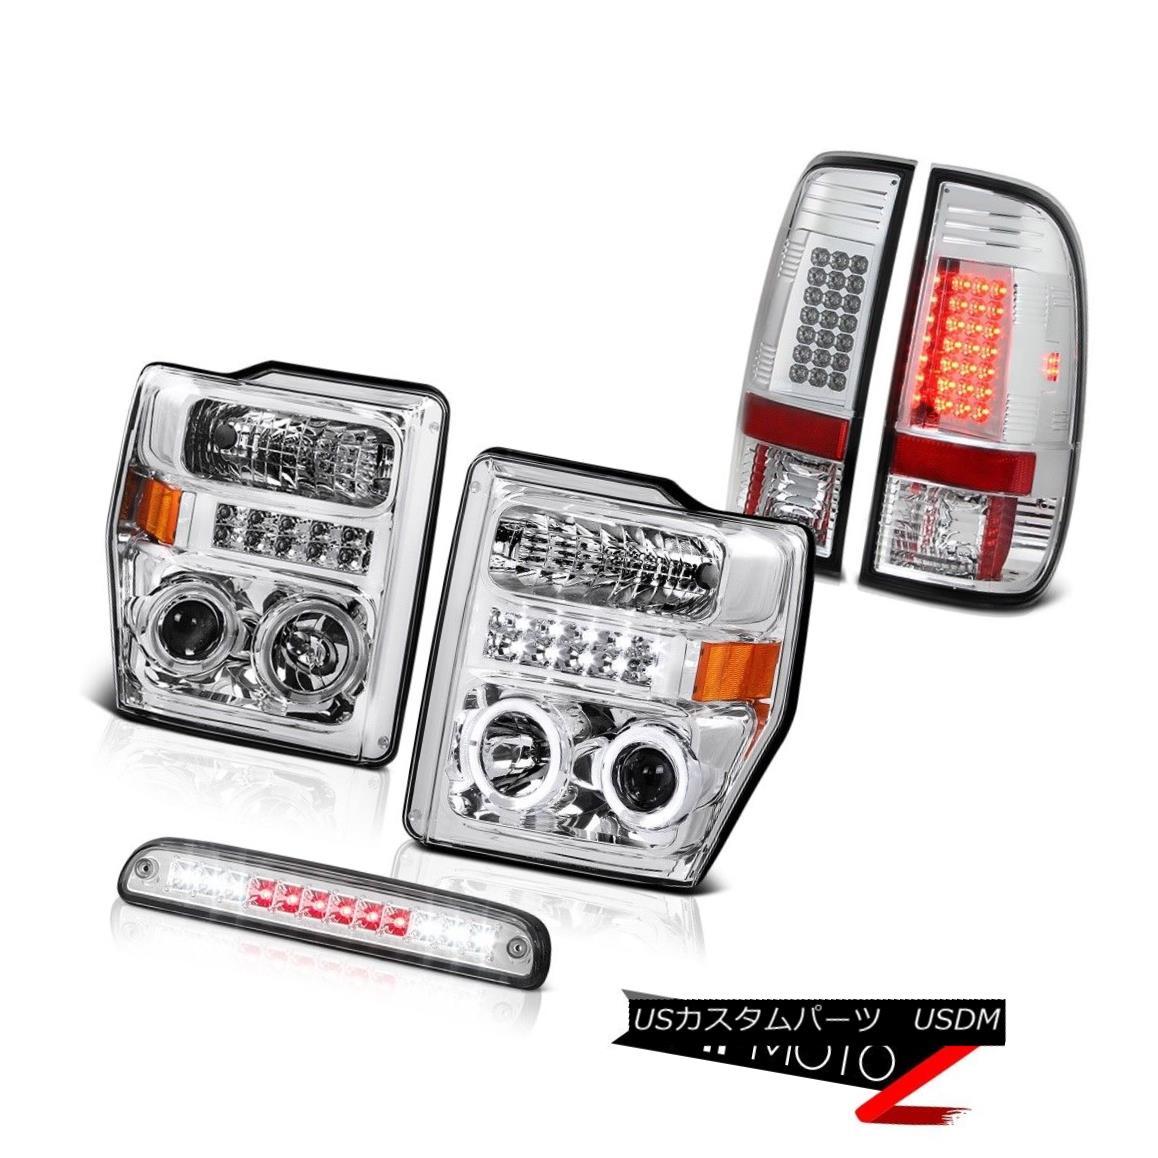 テールライト Euro Halo LED Headlights Third Brake SMD Rear Tail Lights 08 09 10 F350 6.3L ユーロHalo LEDヘッドライト第3ブレーキSMDリアテールライト08 09 10 F350 6.3L